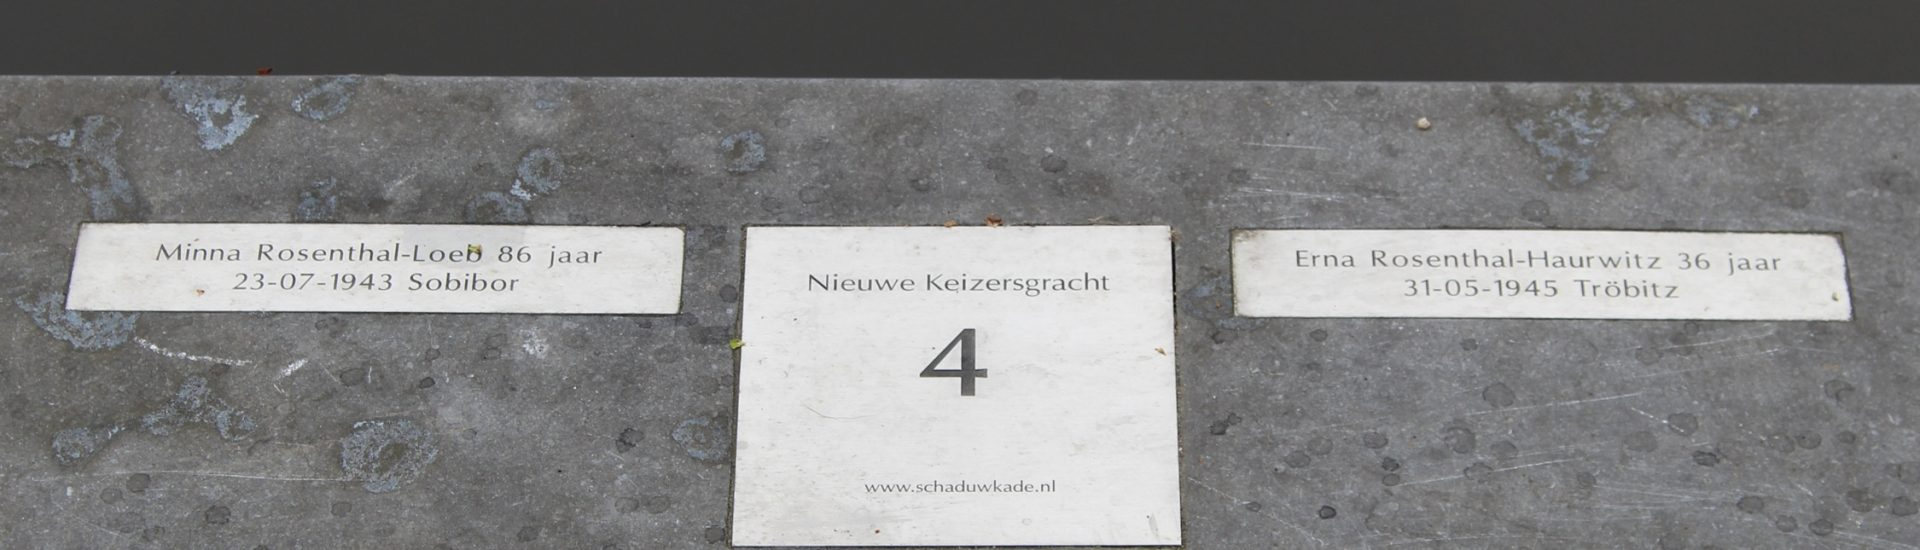 Monumento holocausto ámsterdam